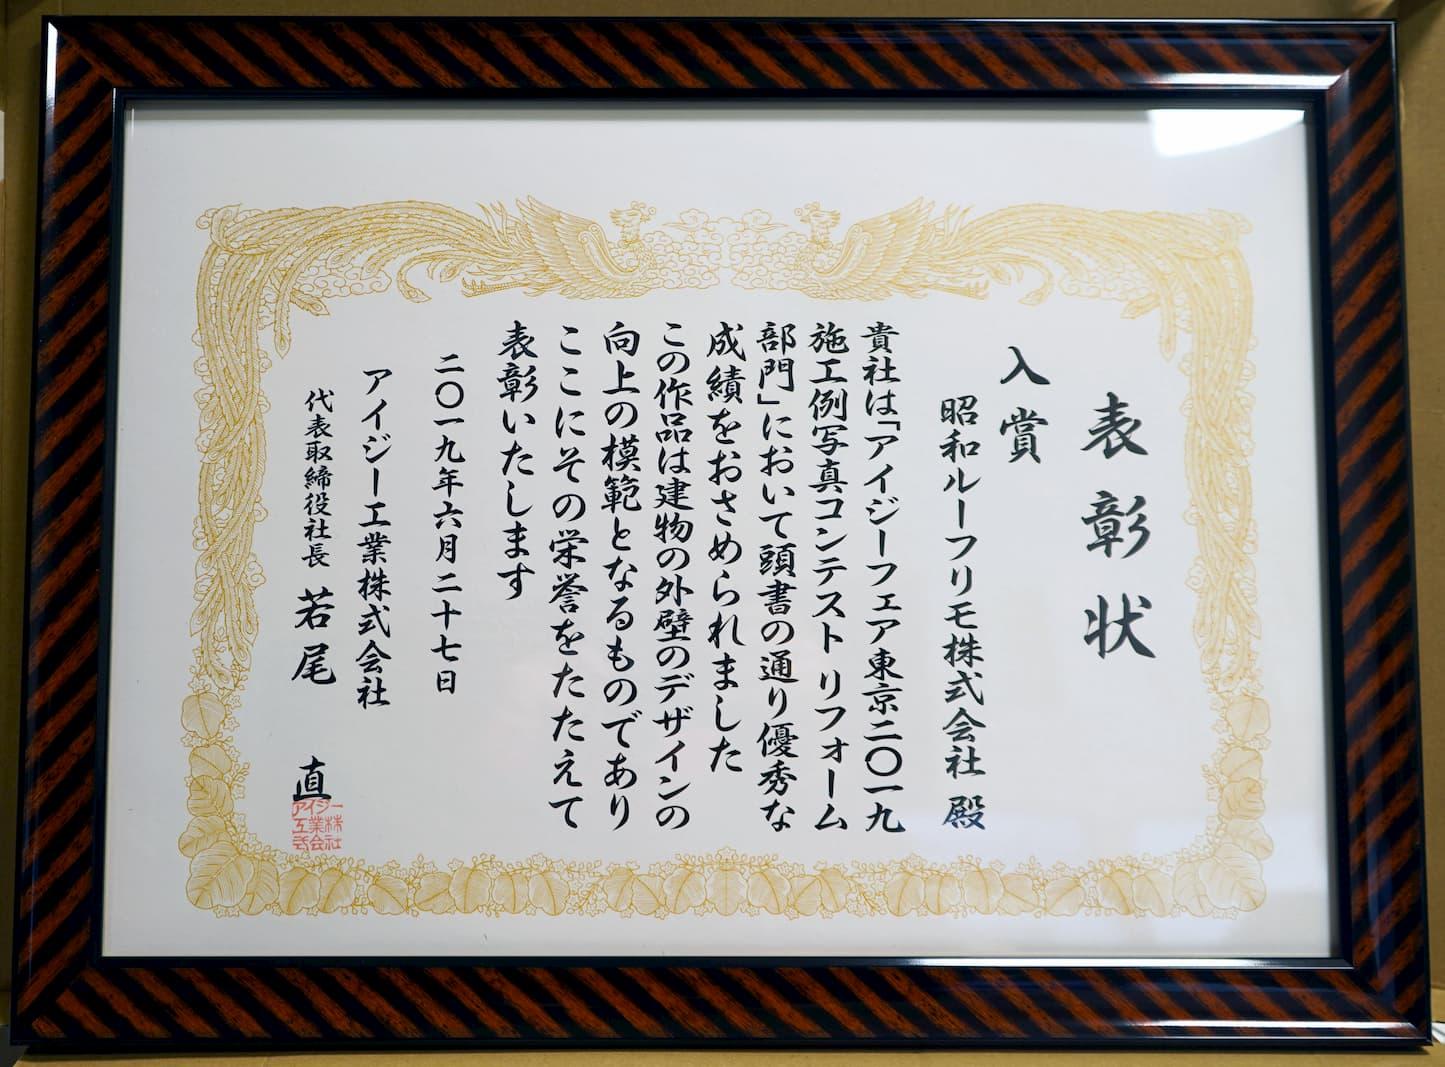 アイジーフェア2019 金属サイディング施工例写真コンテント入賞